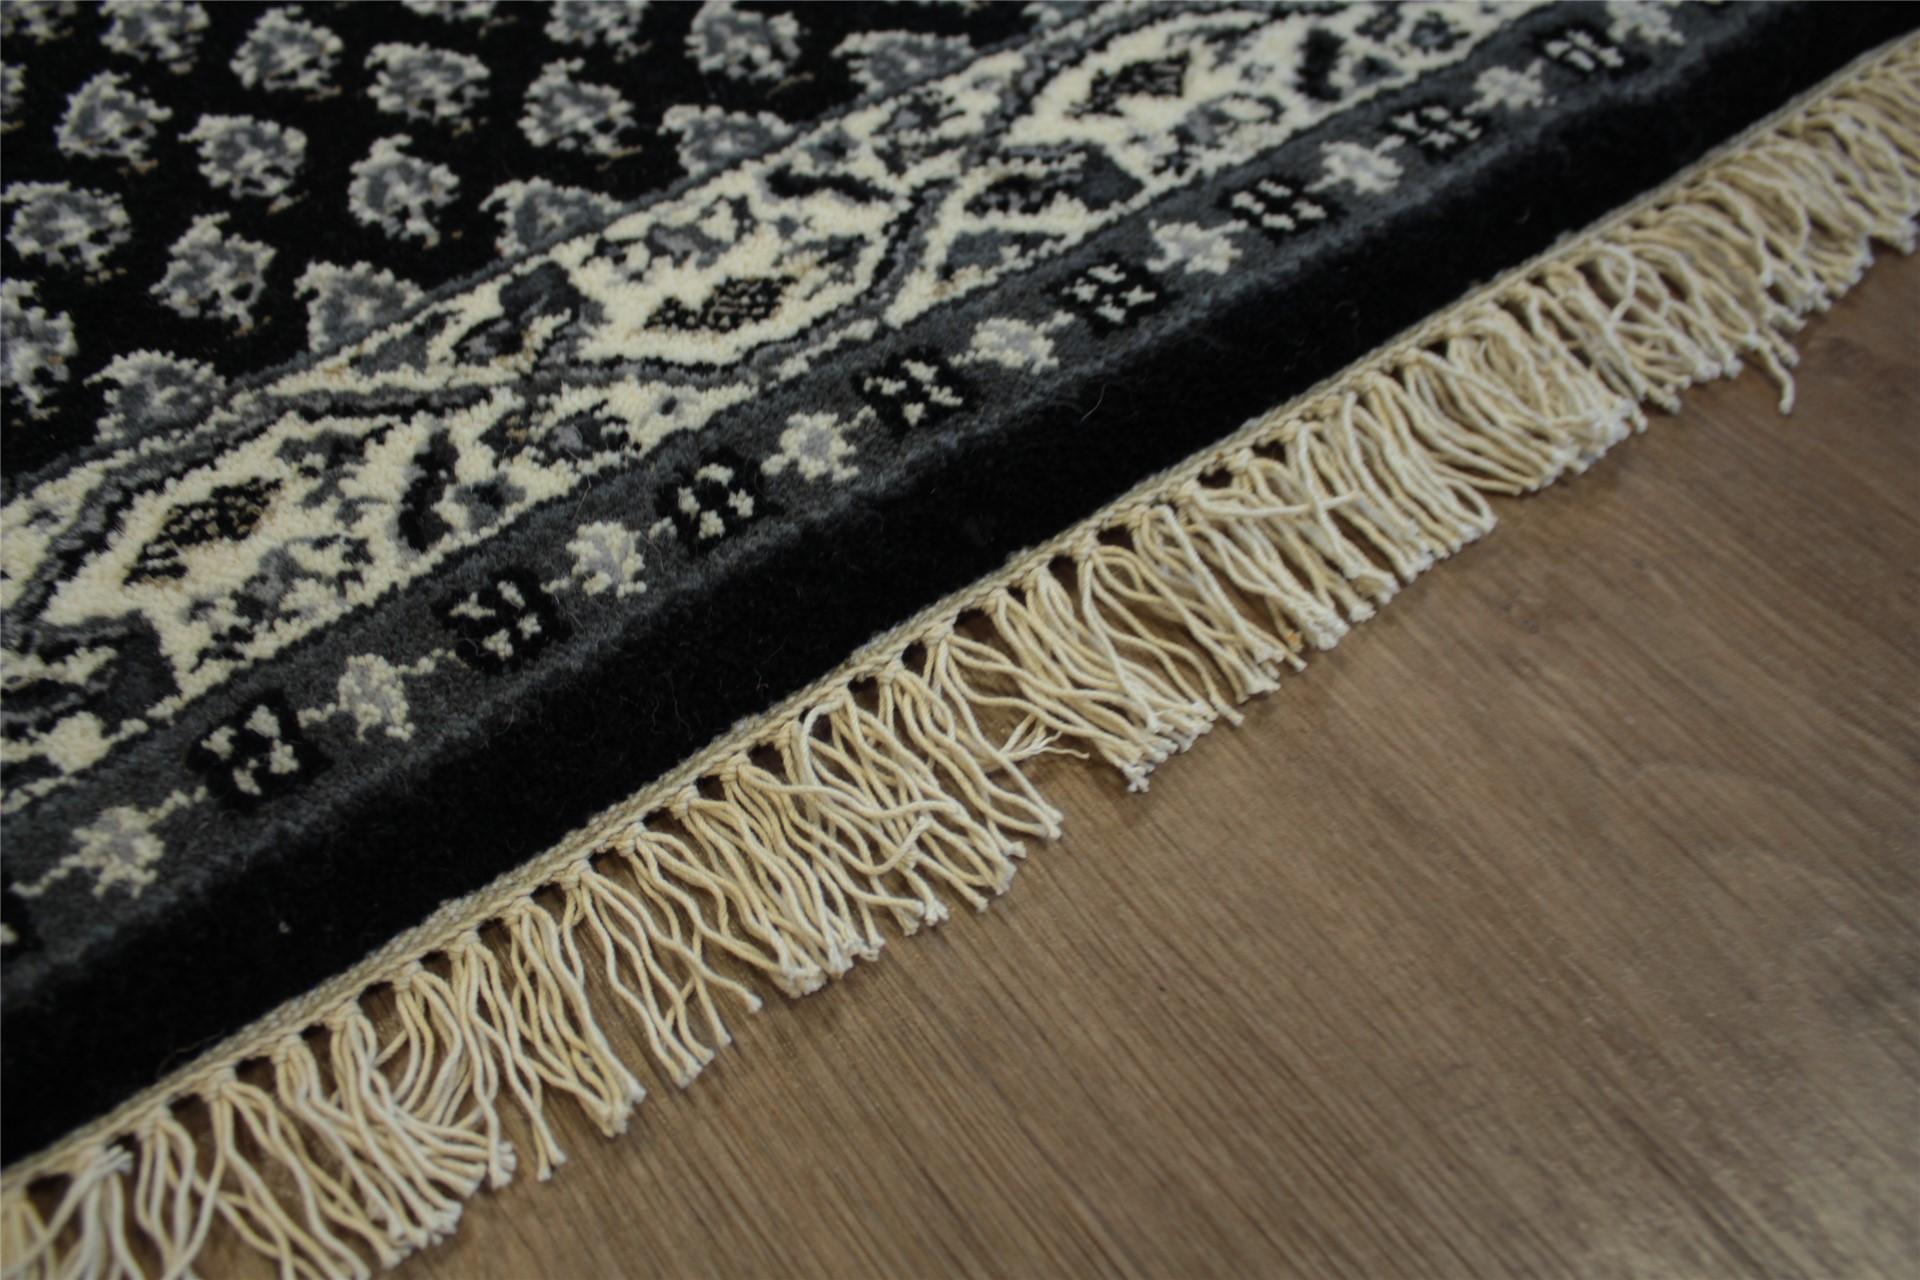 orient teppich fein 55x80 cm 100 wolle handgekn pft mit. Black Bedroom Furniture Sets. Home Design Ideas